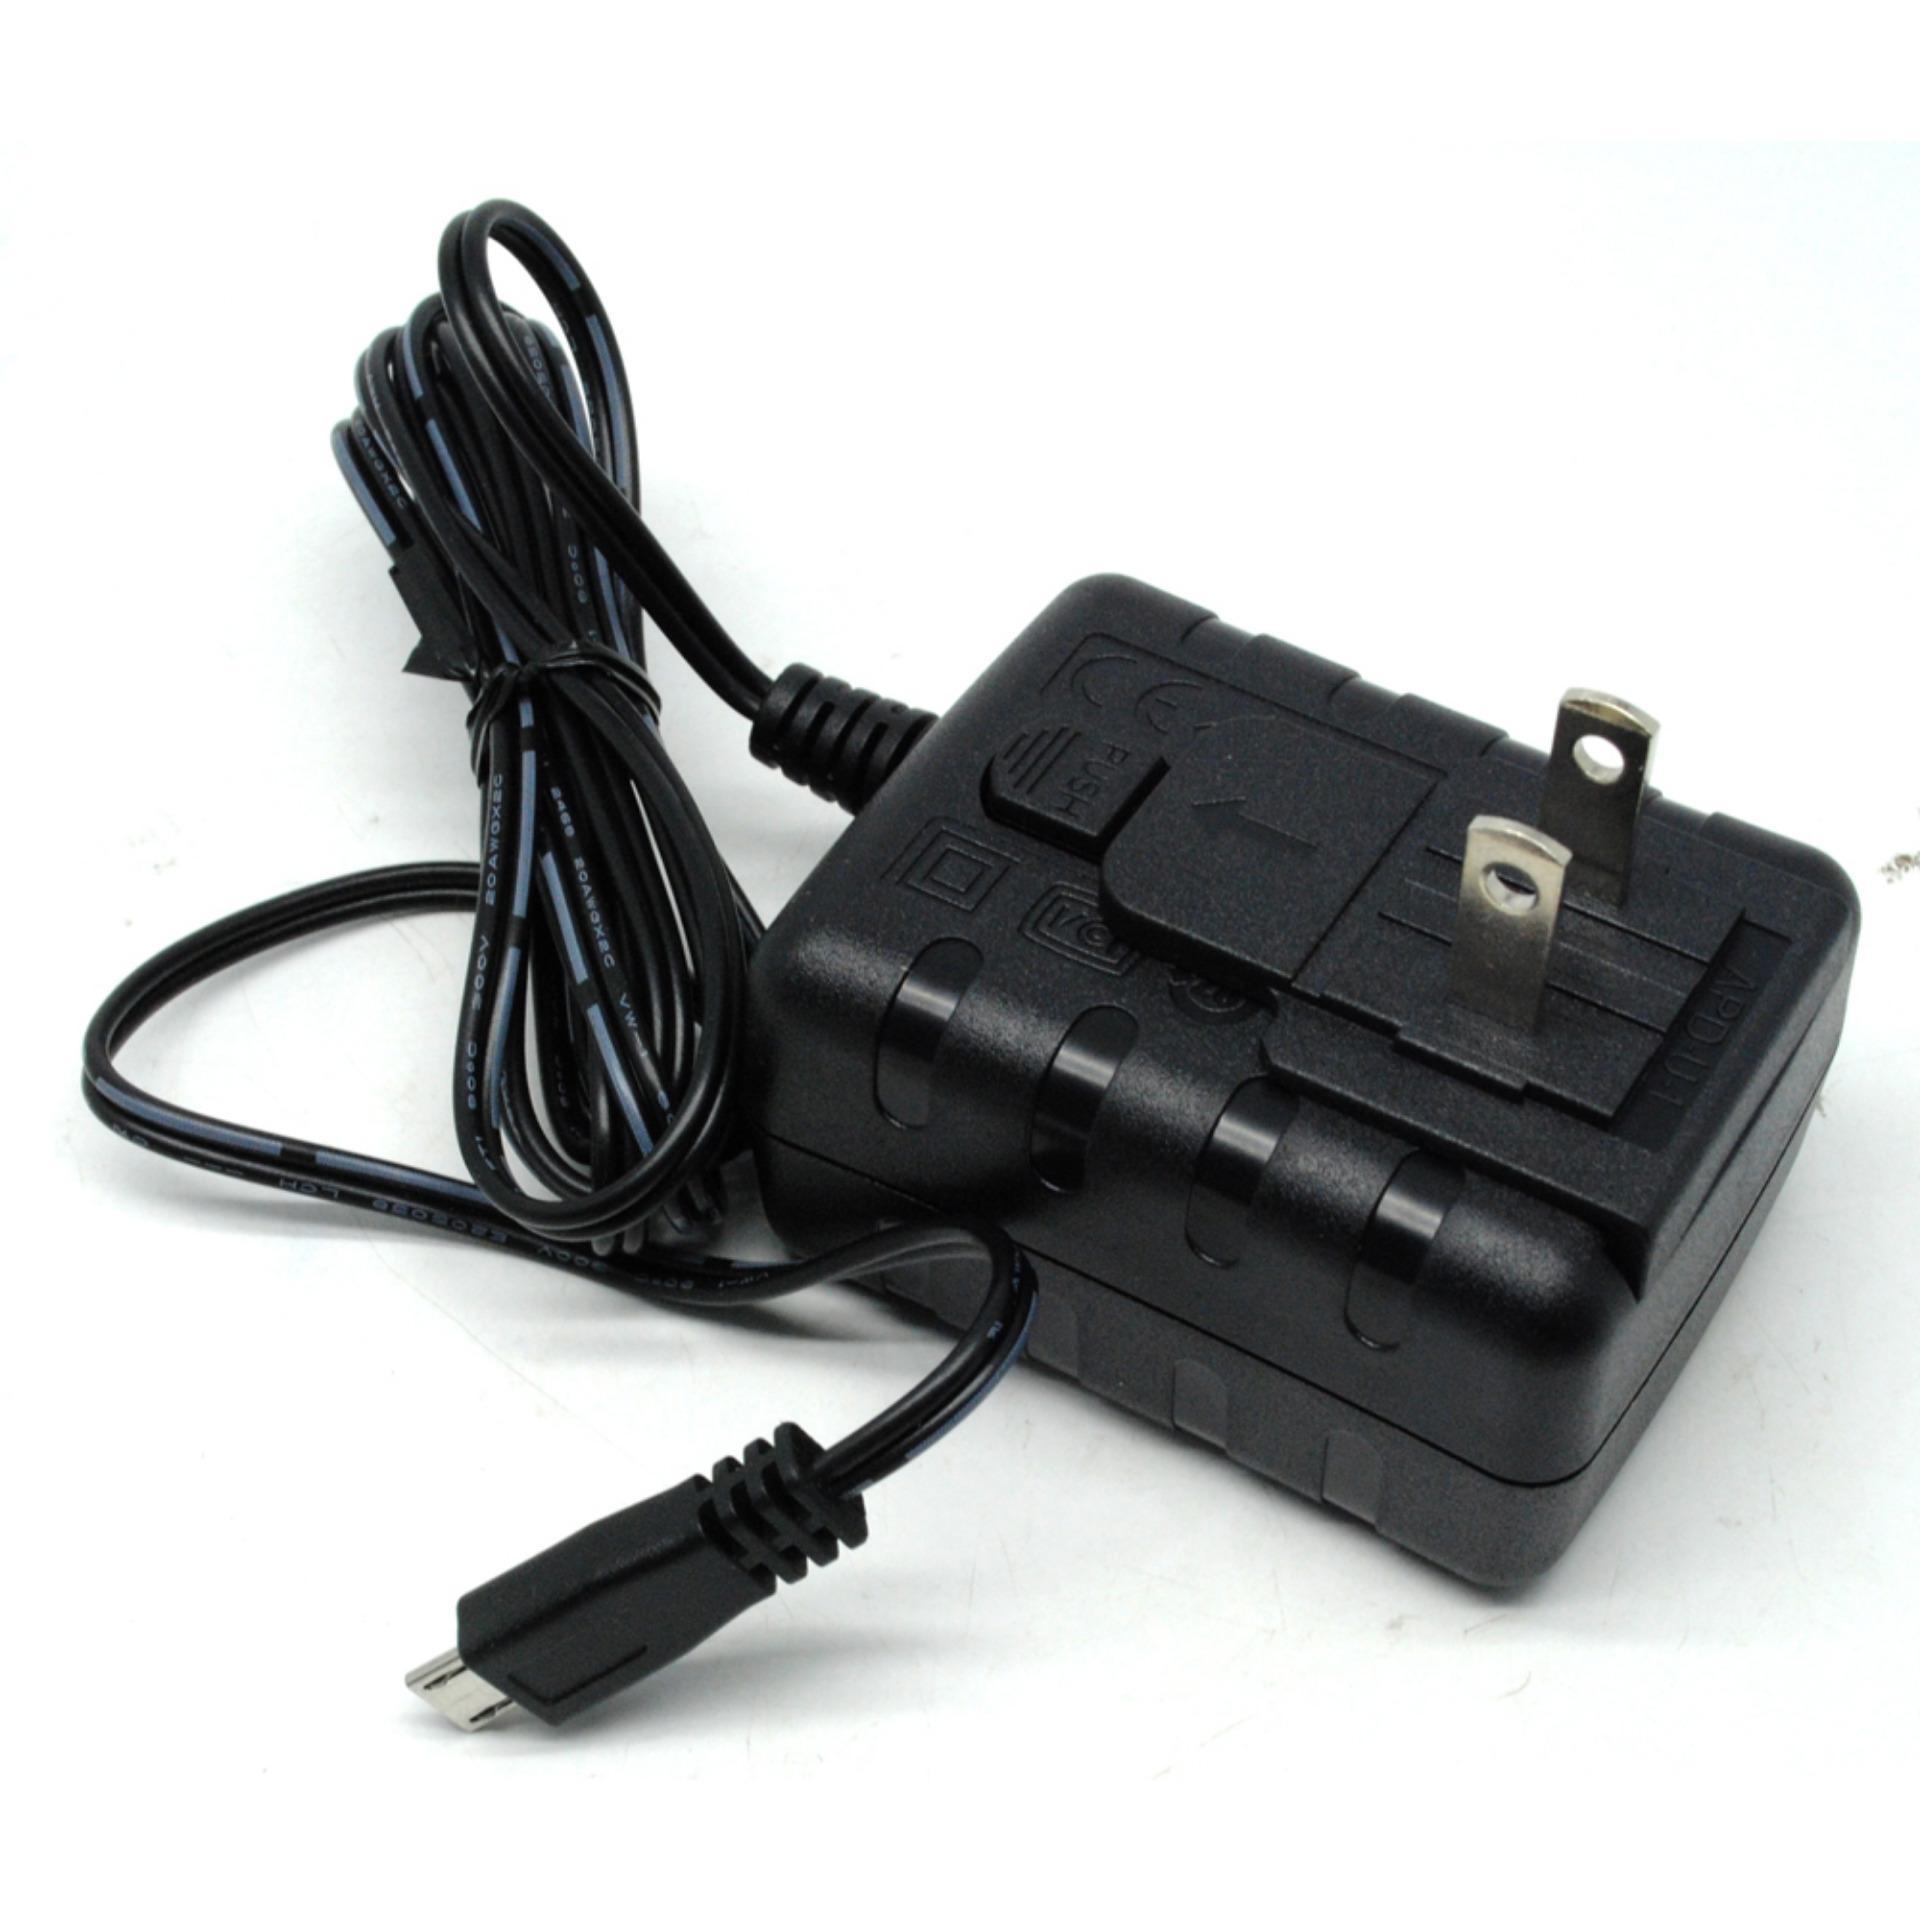 Lenovo Charger Laptop Adaptor 20v325a Original Jack Usb Kotak Casan Notebook G40 30 45 70 G400s G405s G500s G505s 20v 325a Pin Grade Ori Apd 5v 25a Micro Plug Black